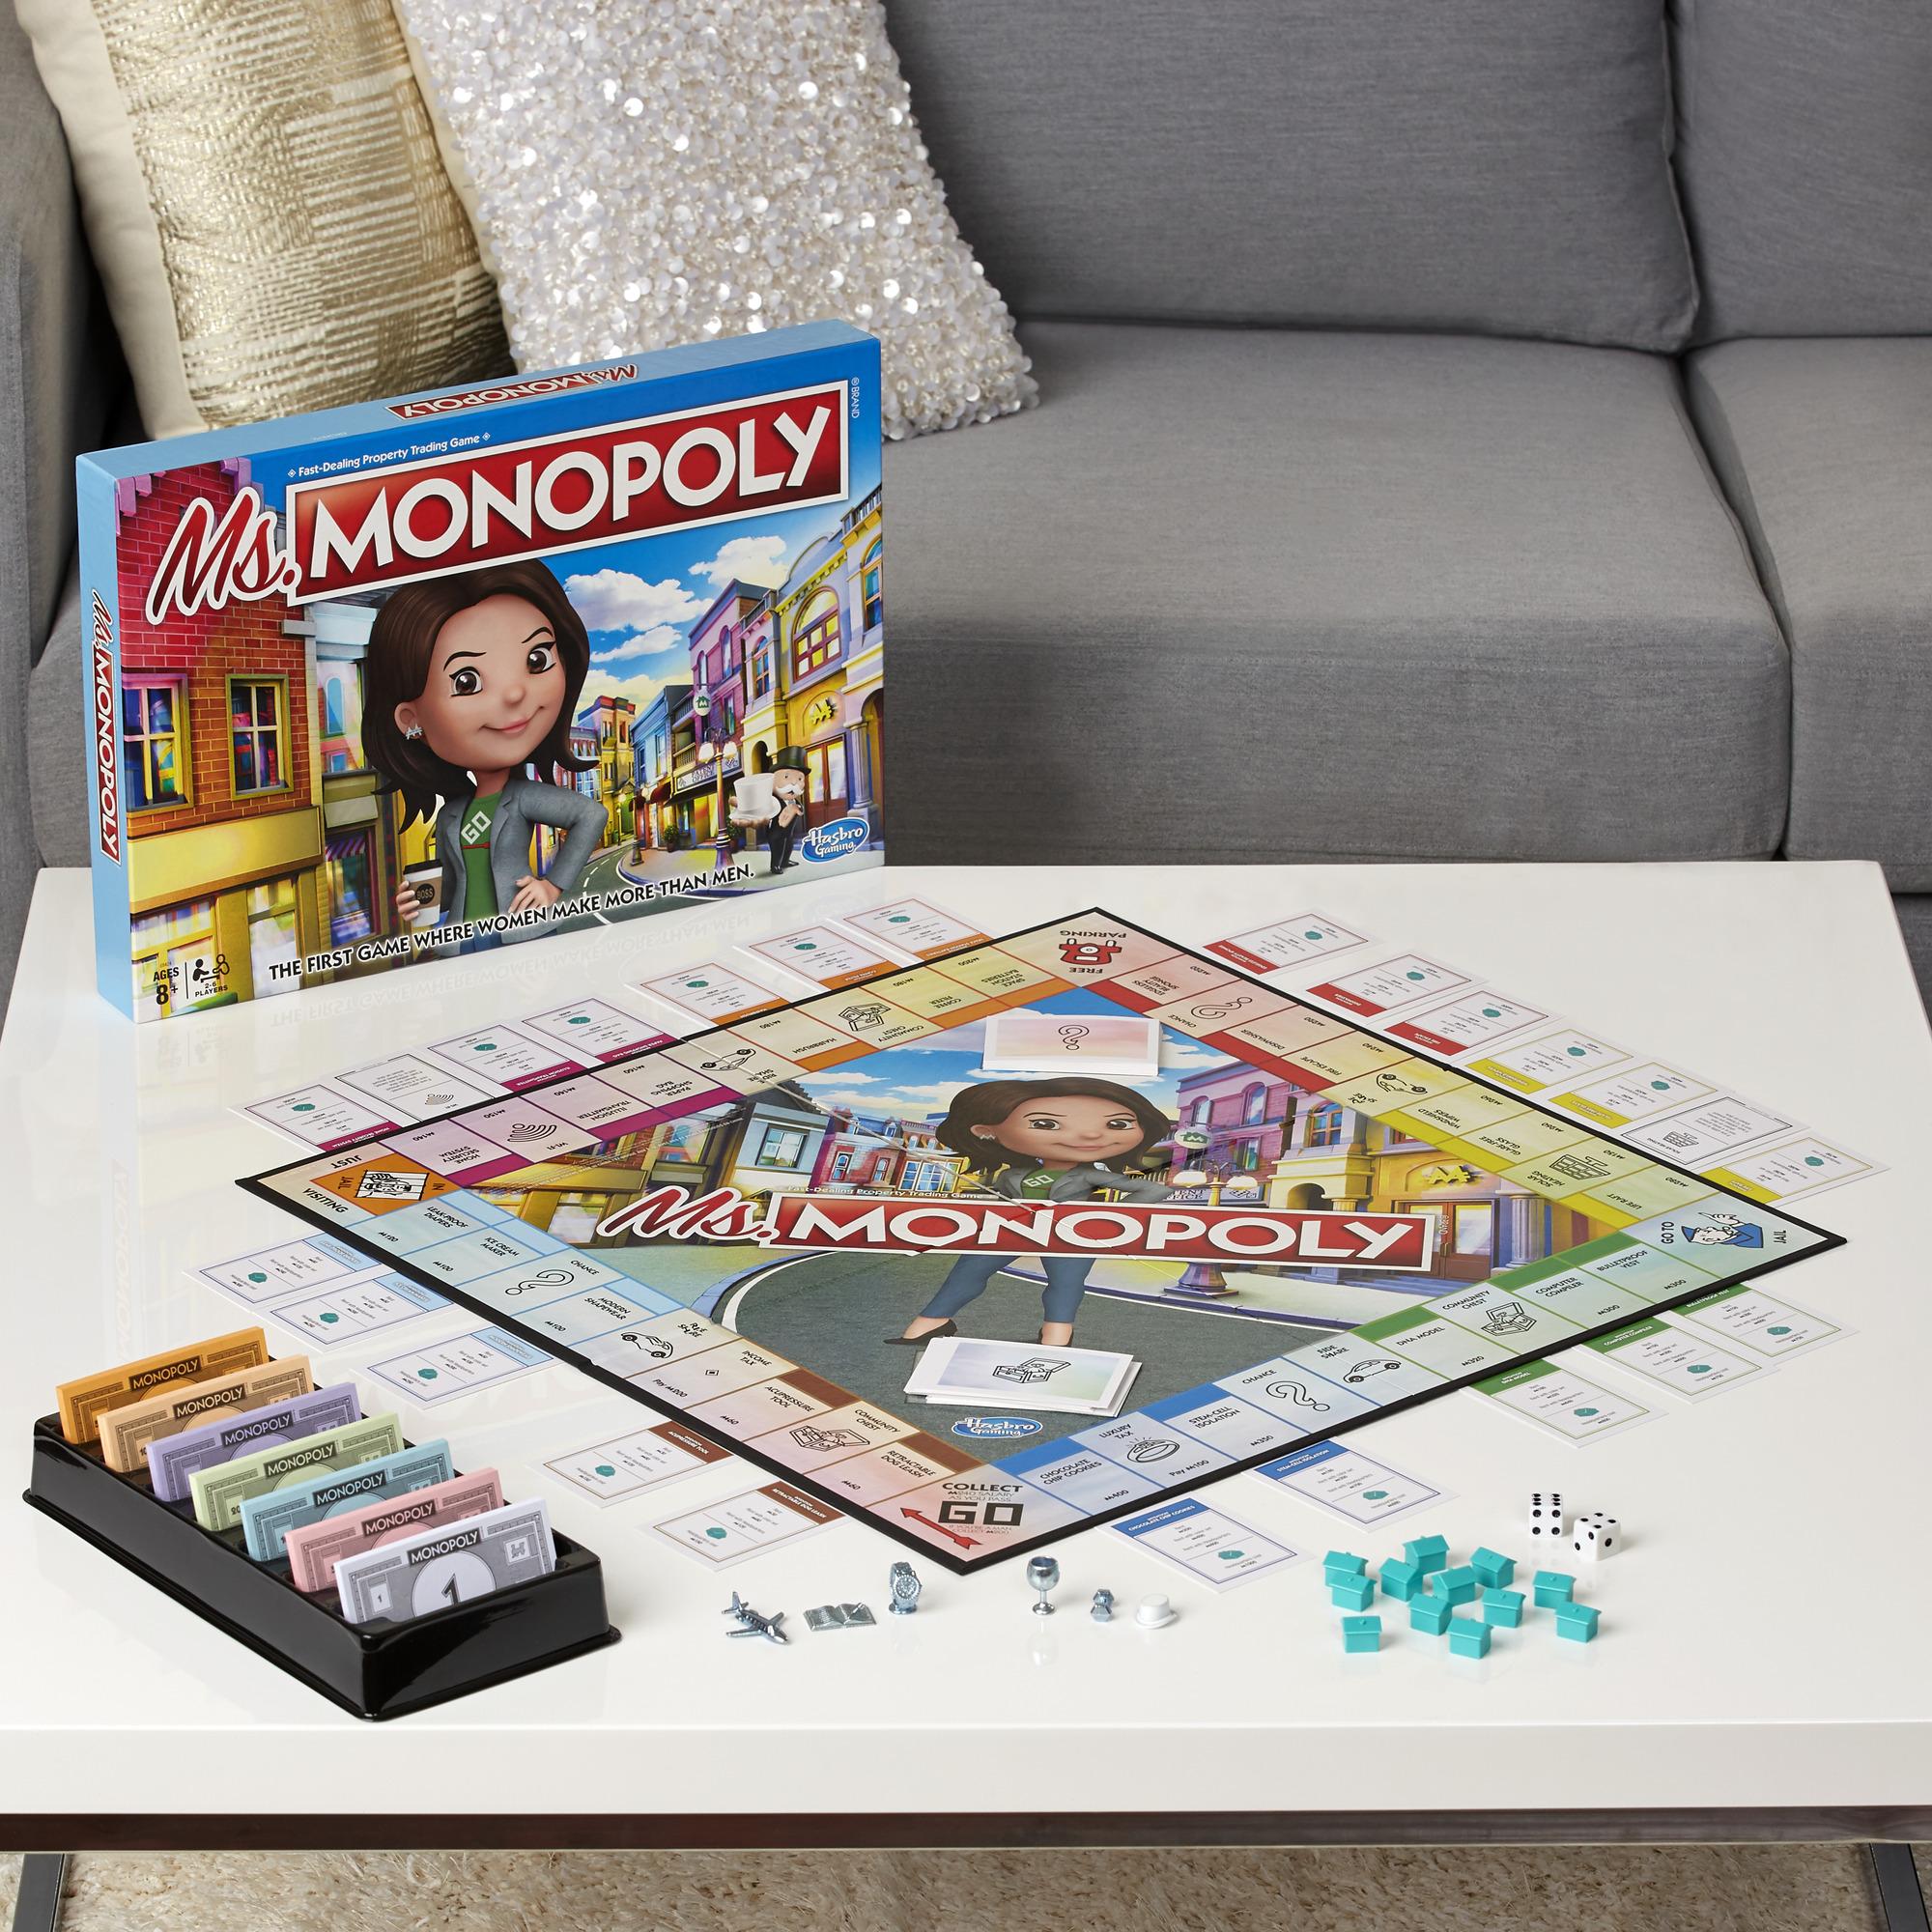 Ms. Monopoly okreće rodni jaz u plaćama u novoj verziji popularne društvene igre